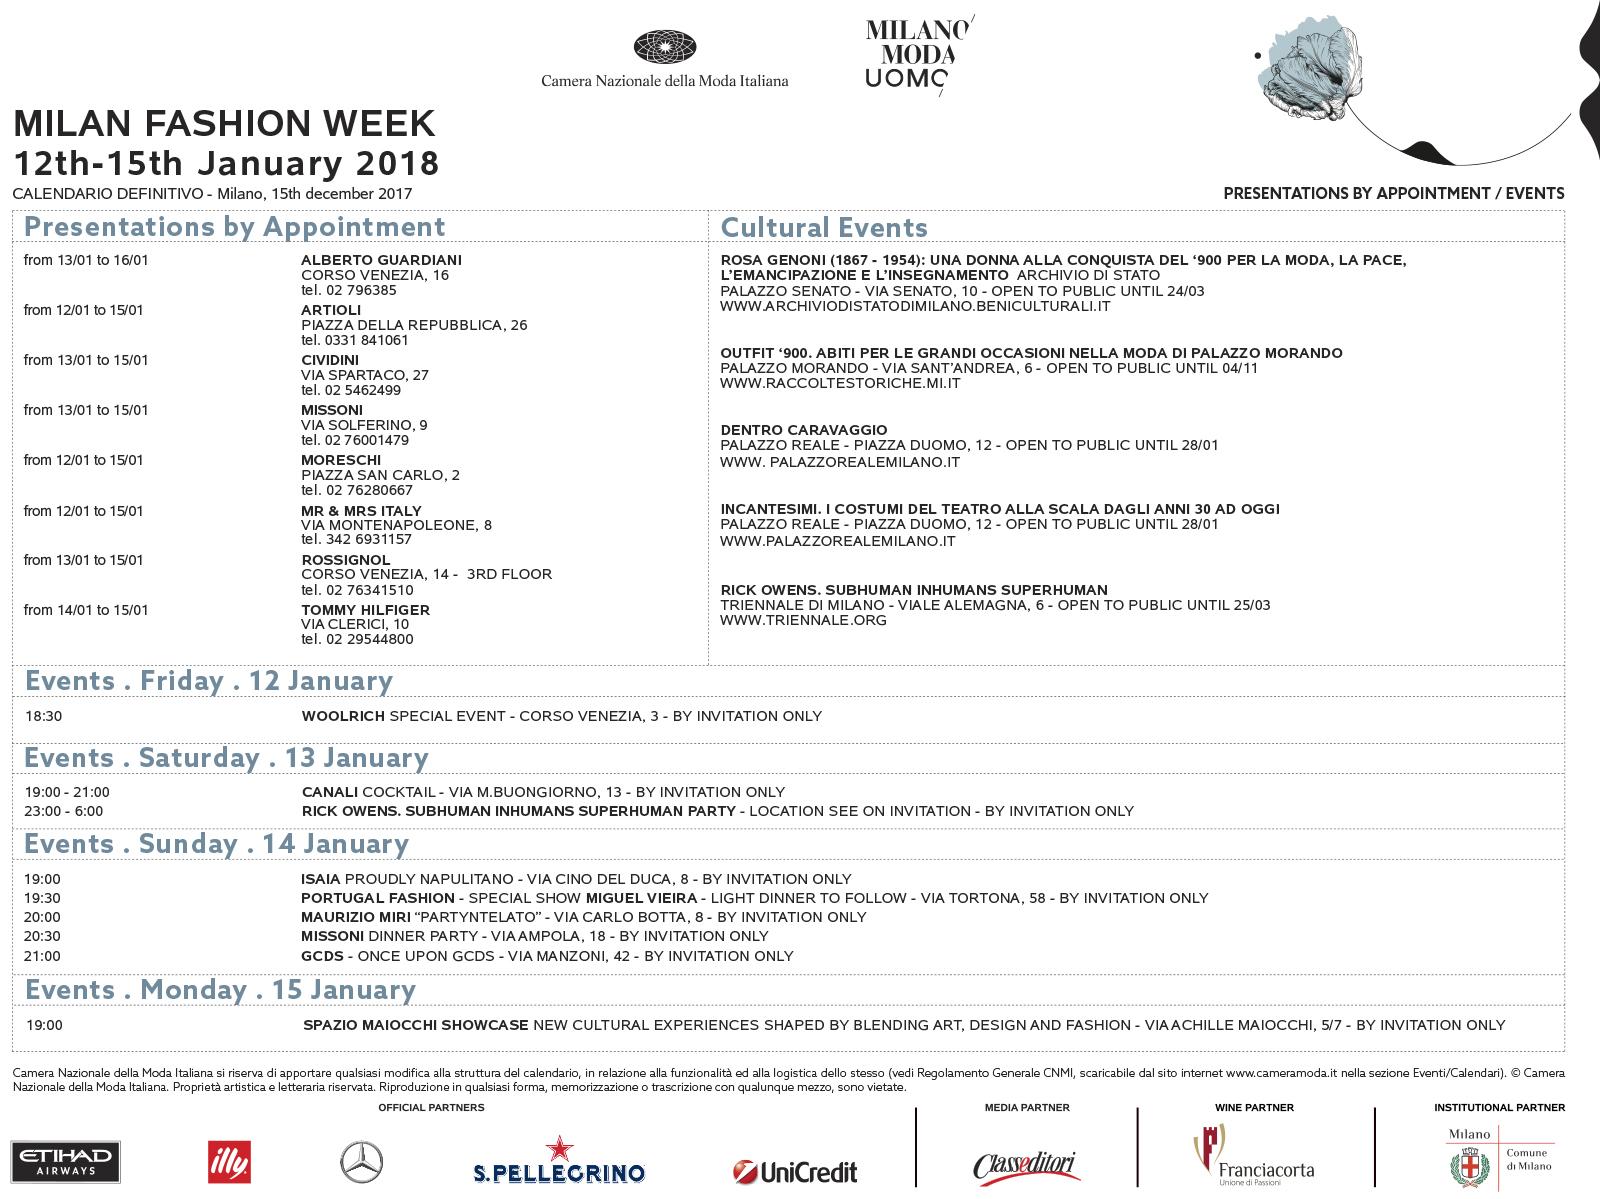 Camera Moda Calendario.Il Calendario Milano Moda Uomo Dal 12 Al 15 Gennaio 2018